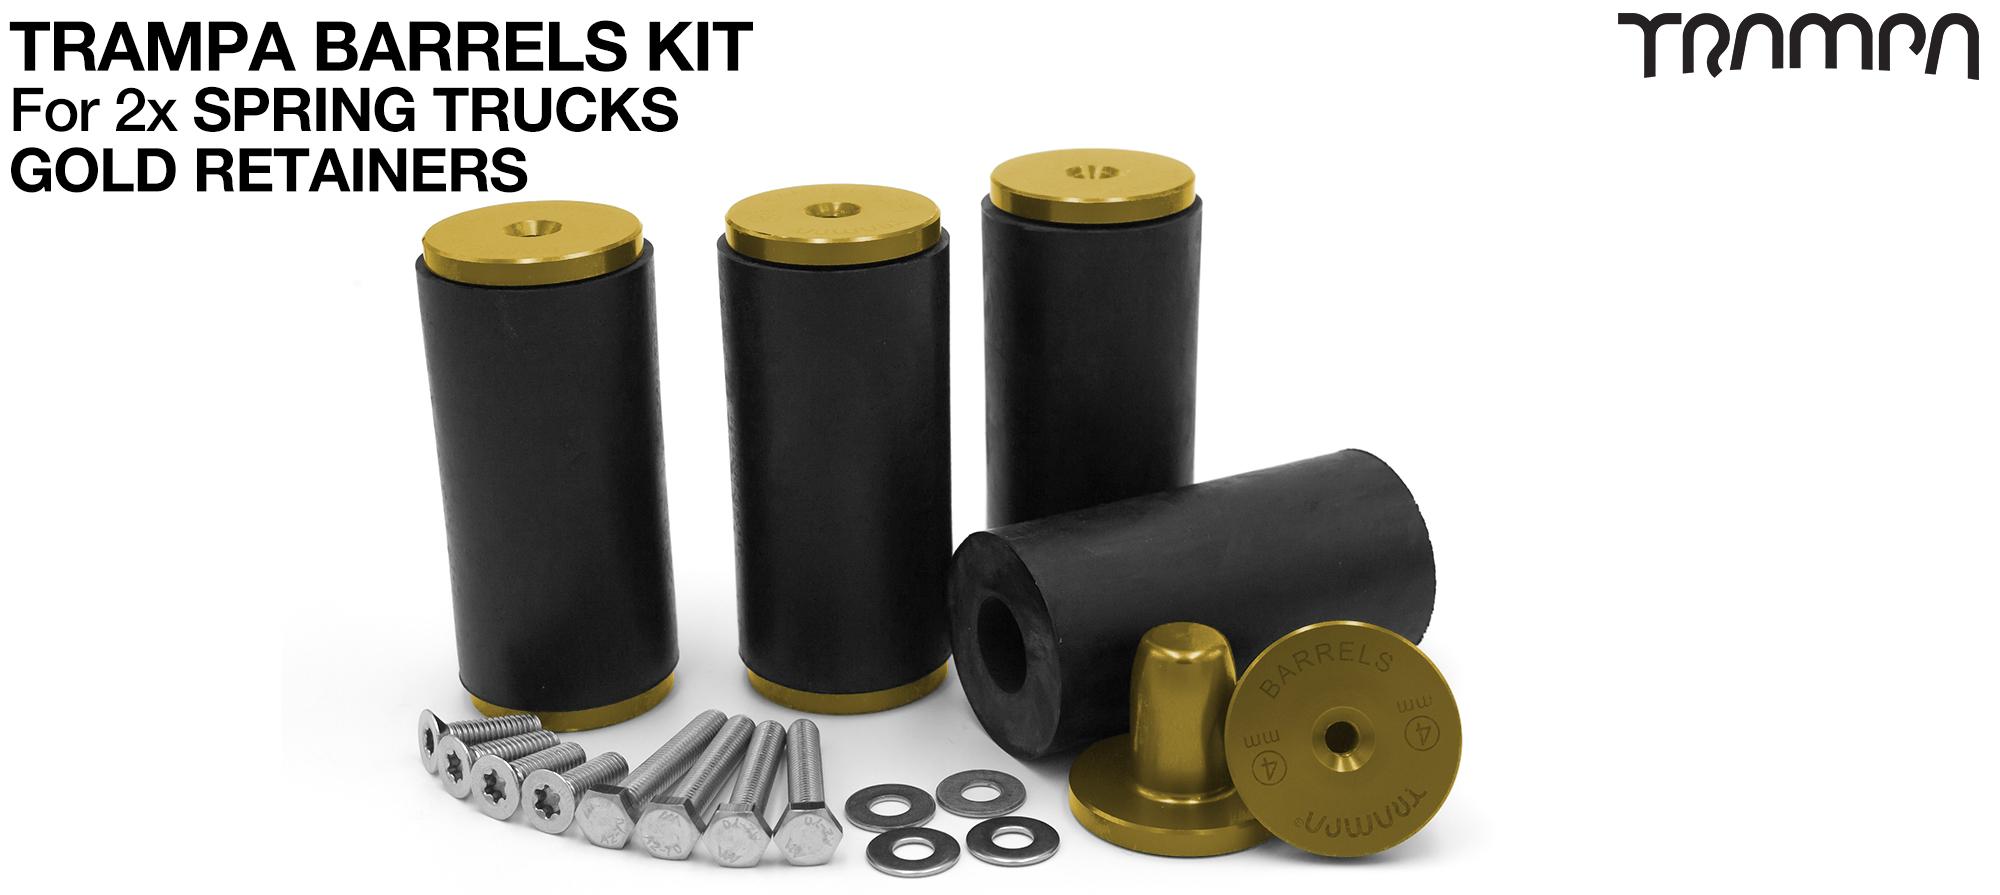 TRAMPA BARRELS Complete DECK Kit - GOLD